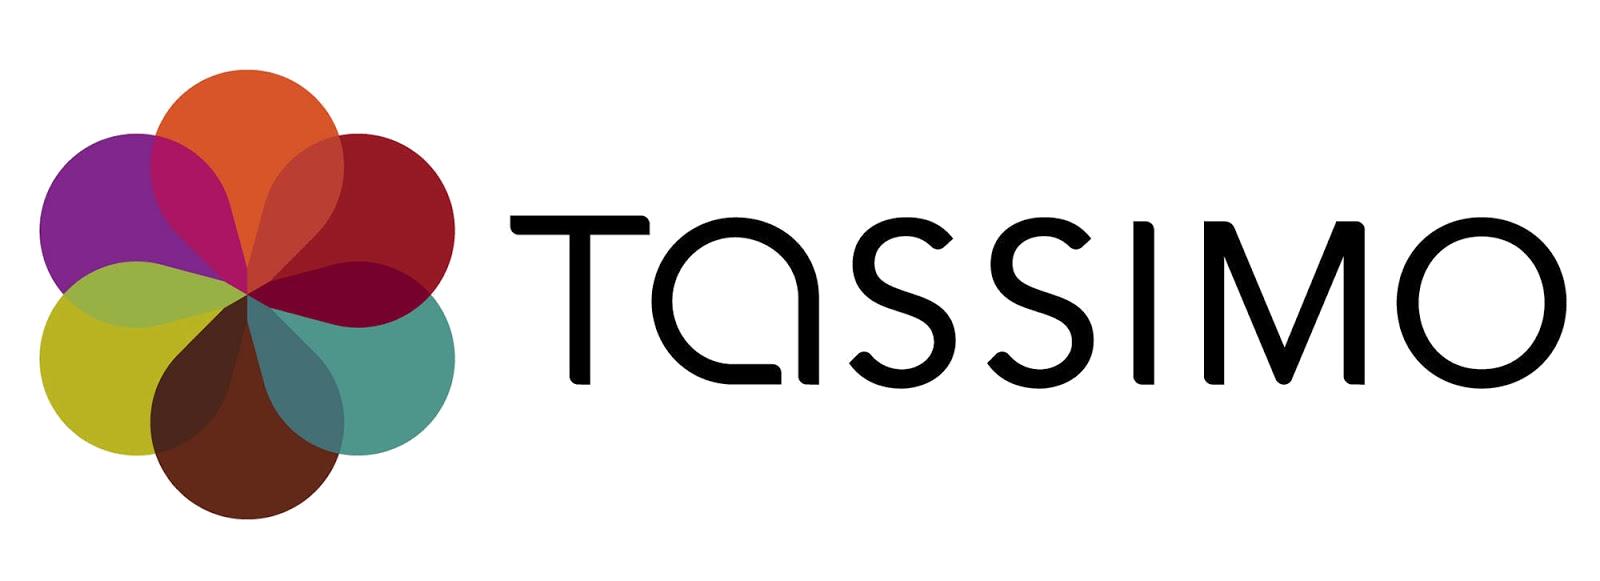 tassimo-logo1 Tassimo Maschinen